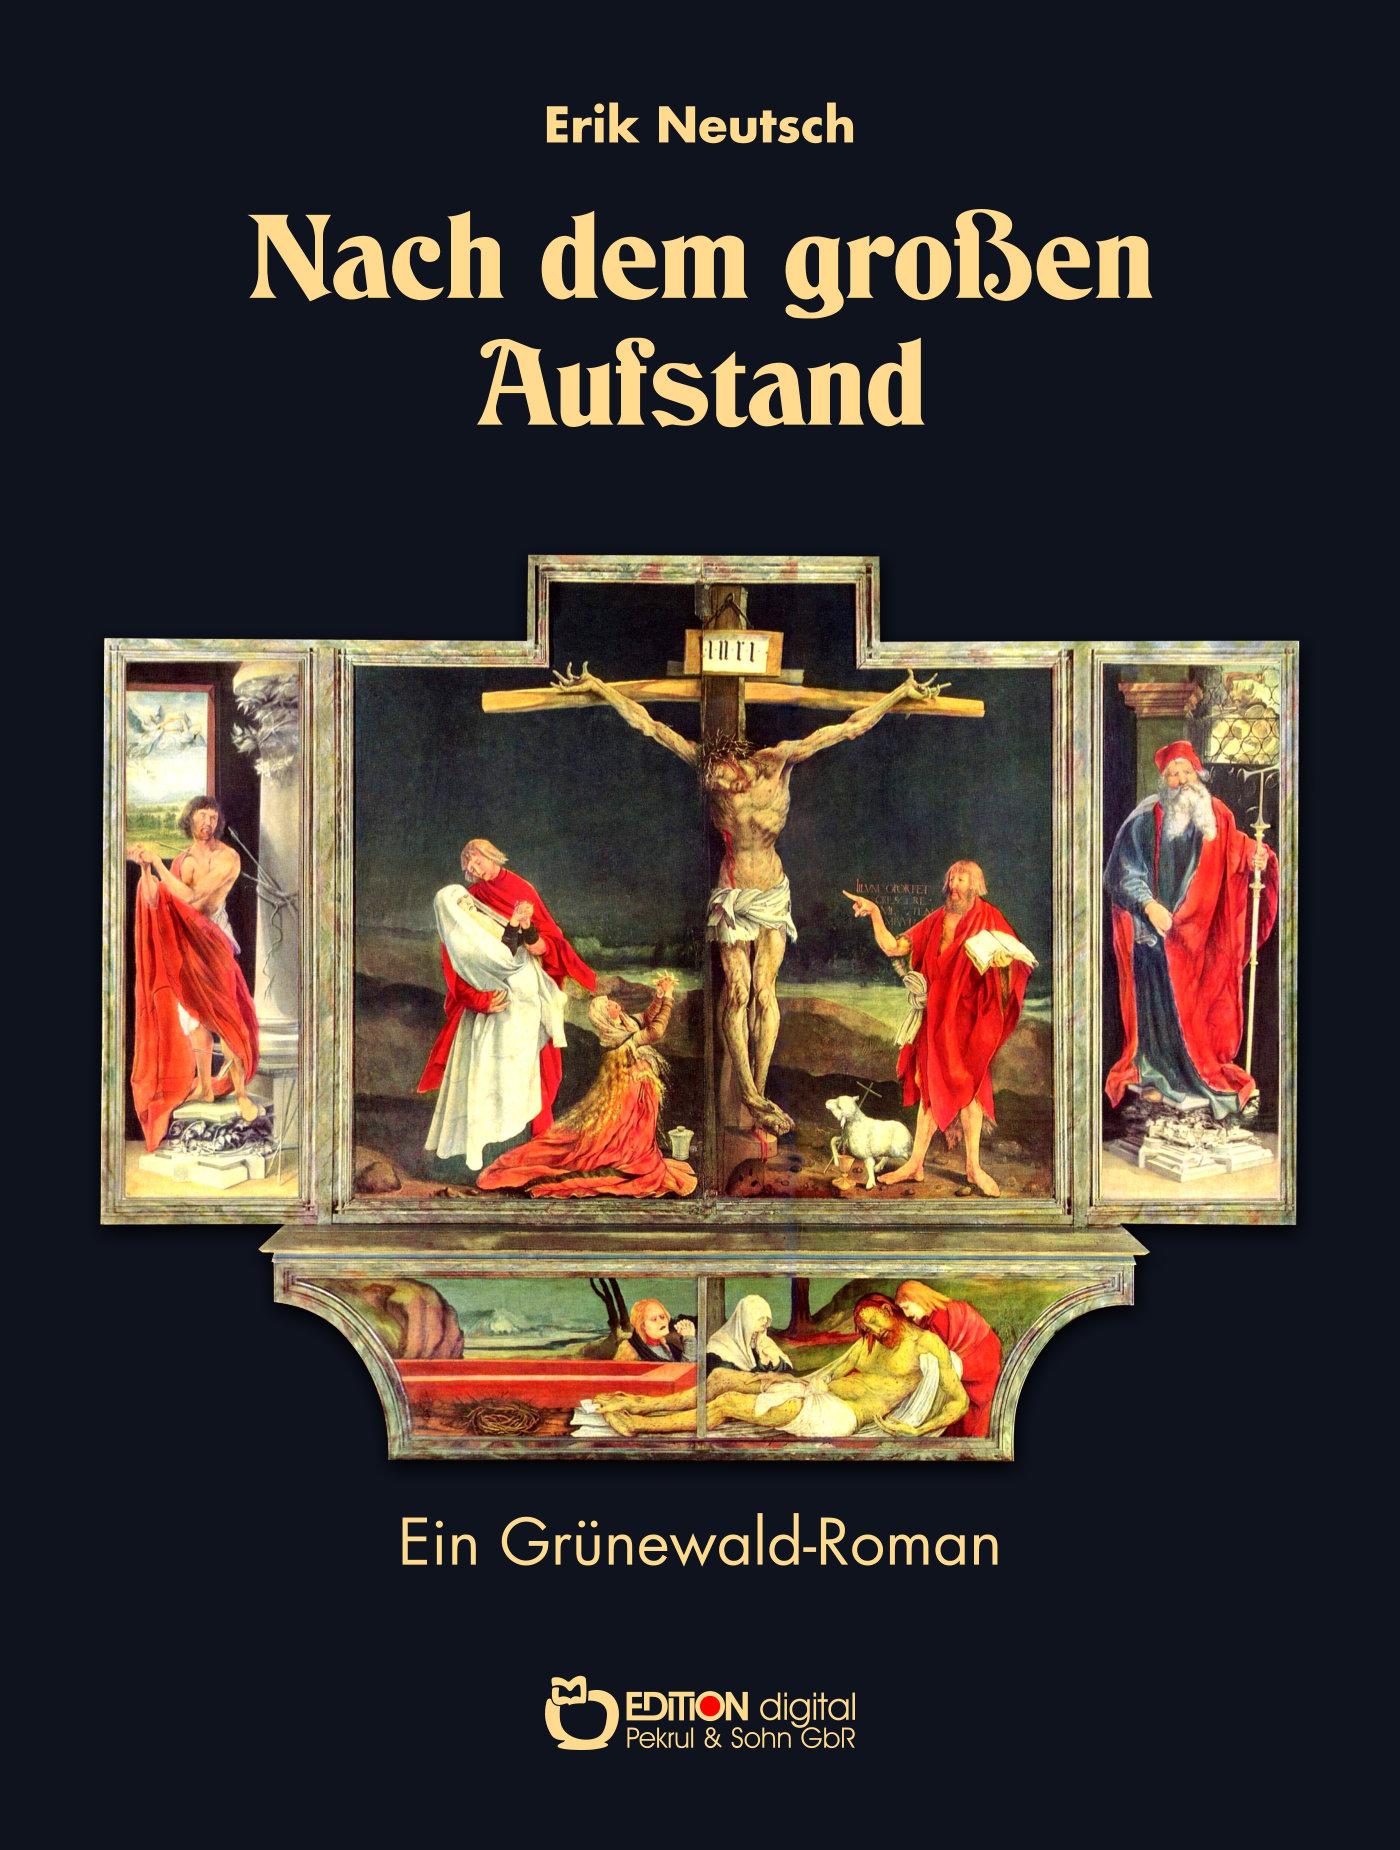 Nach dem großen Aufstand. Ein Grünewald-Roman von Erik Neutsch